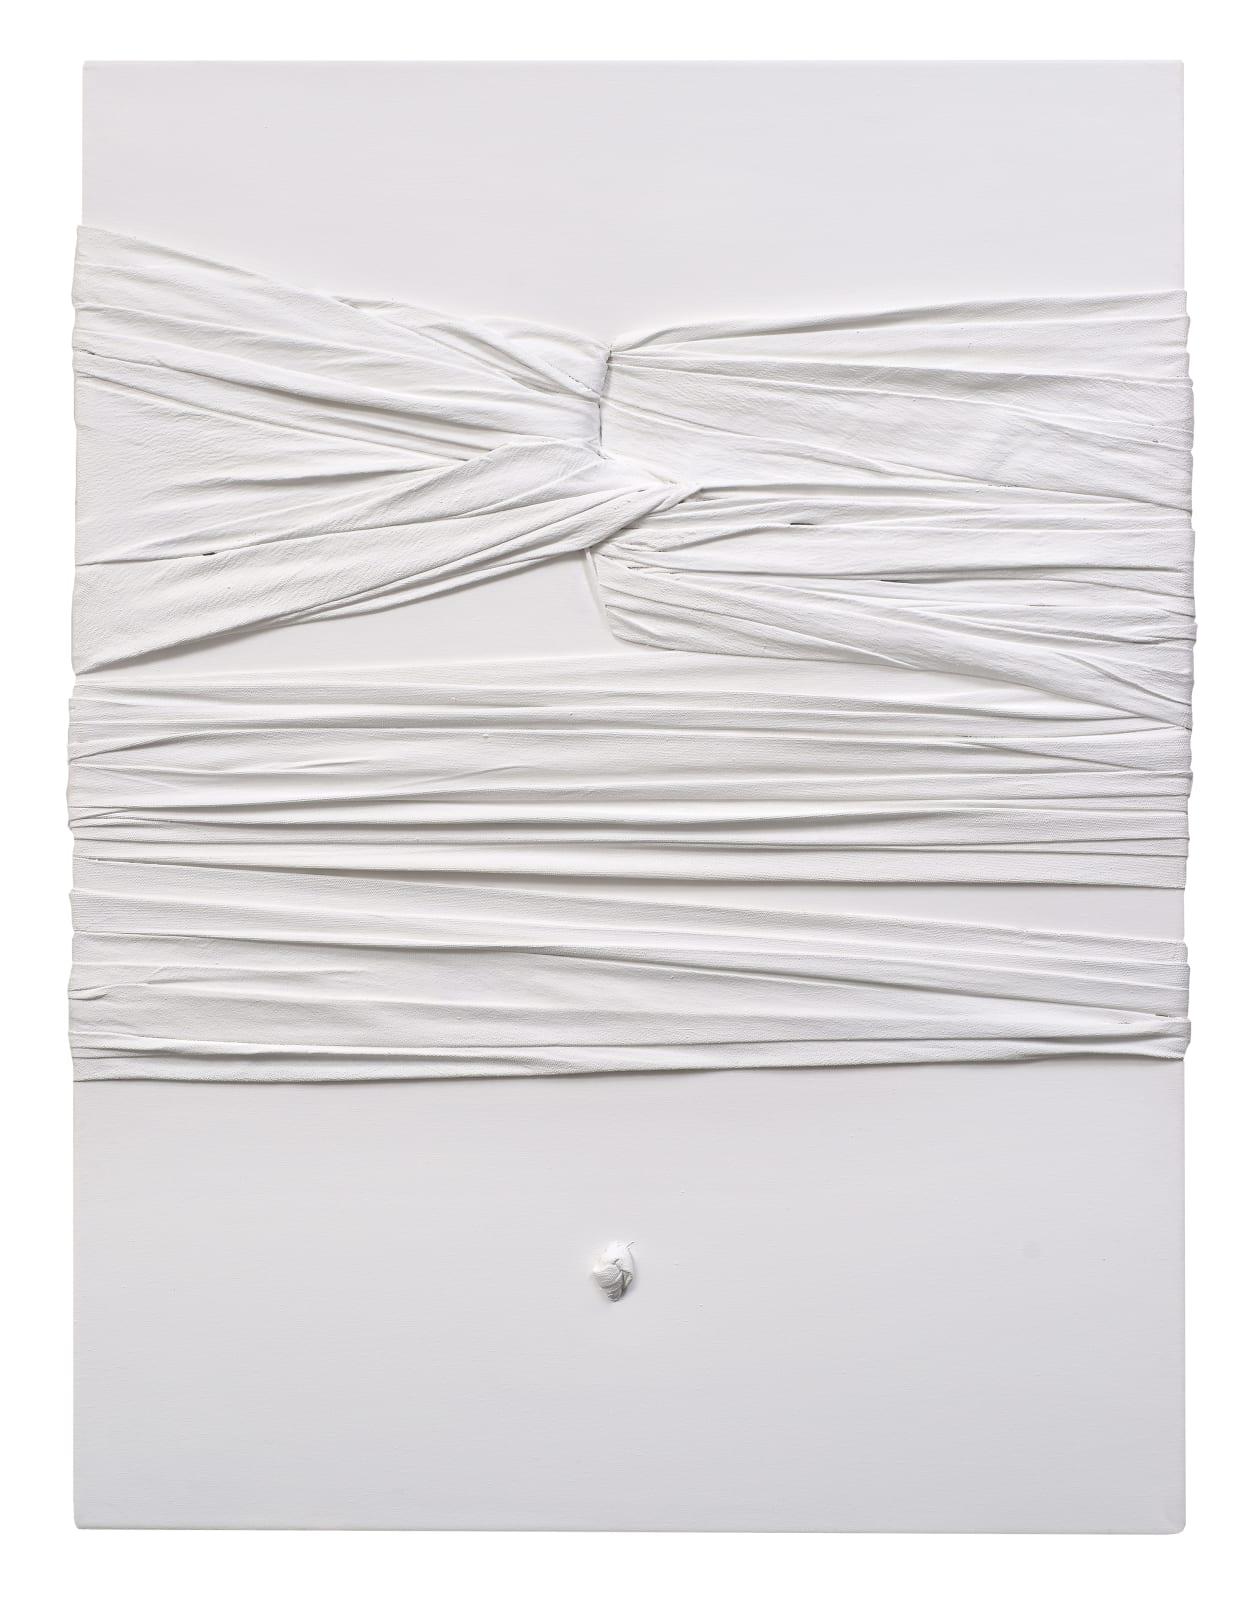 Stella Zhang 張爽, 0-Viewpoint-3-41 0-視點-3-41, 2014